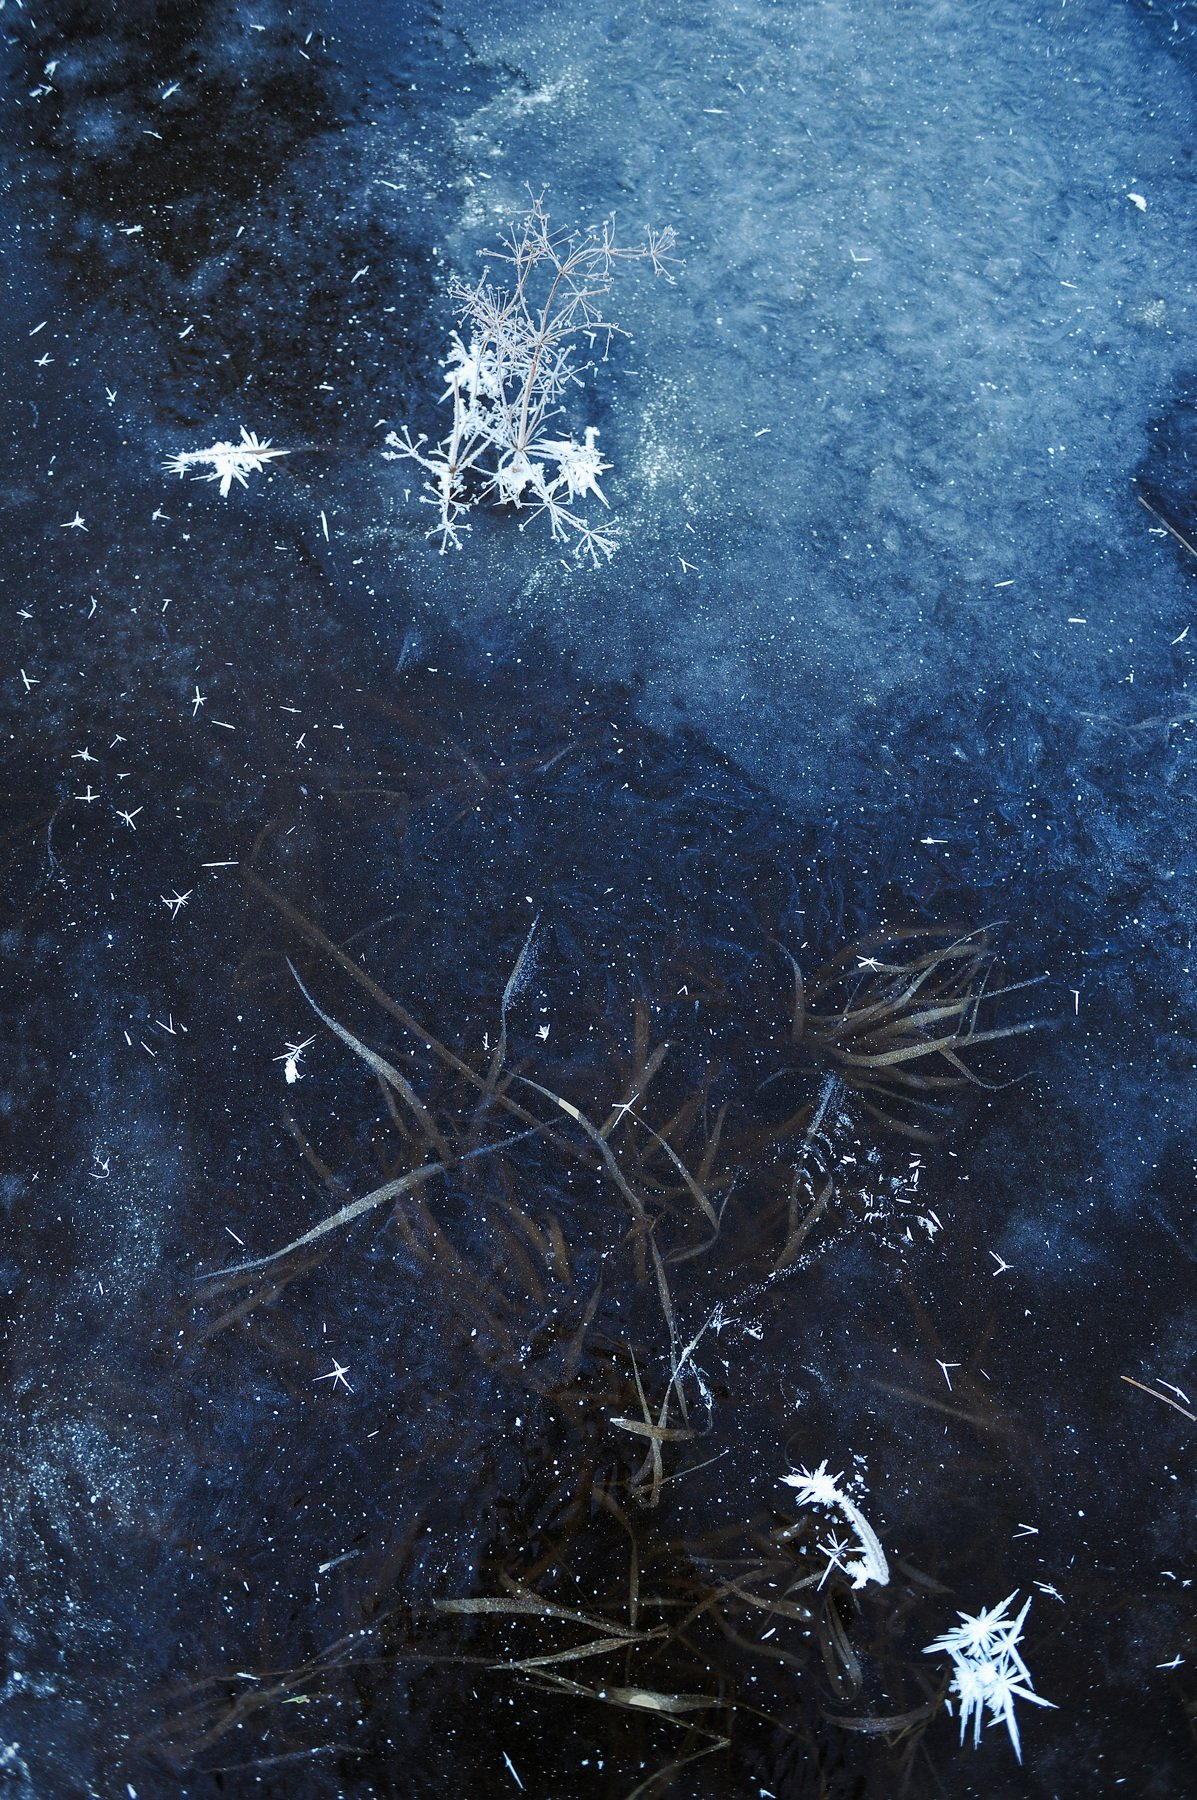 природа вода водоем озеро пруд растение растительность узор абстракция паттерн текстура воздух пузырьки толща лед мороз зима осень, Григорий Пиль